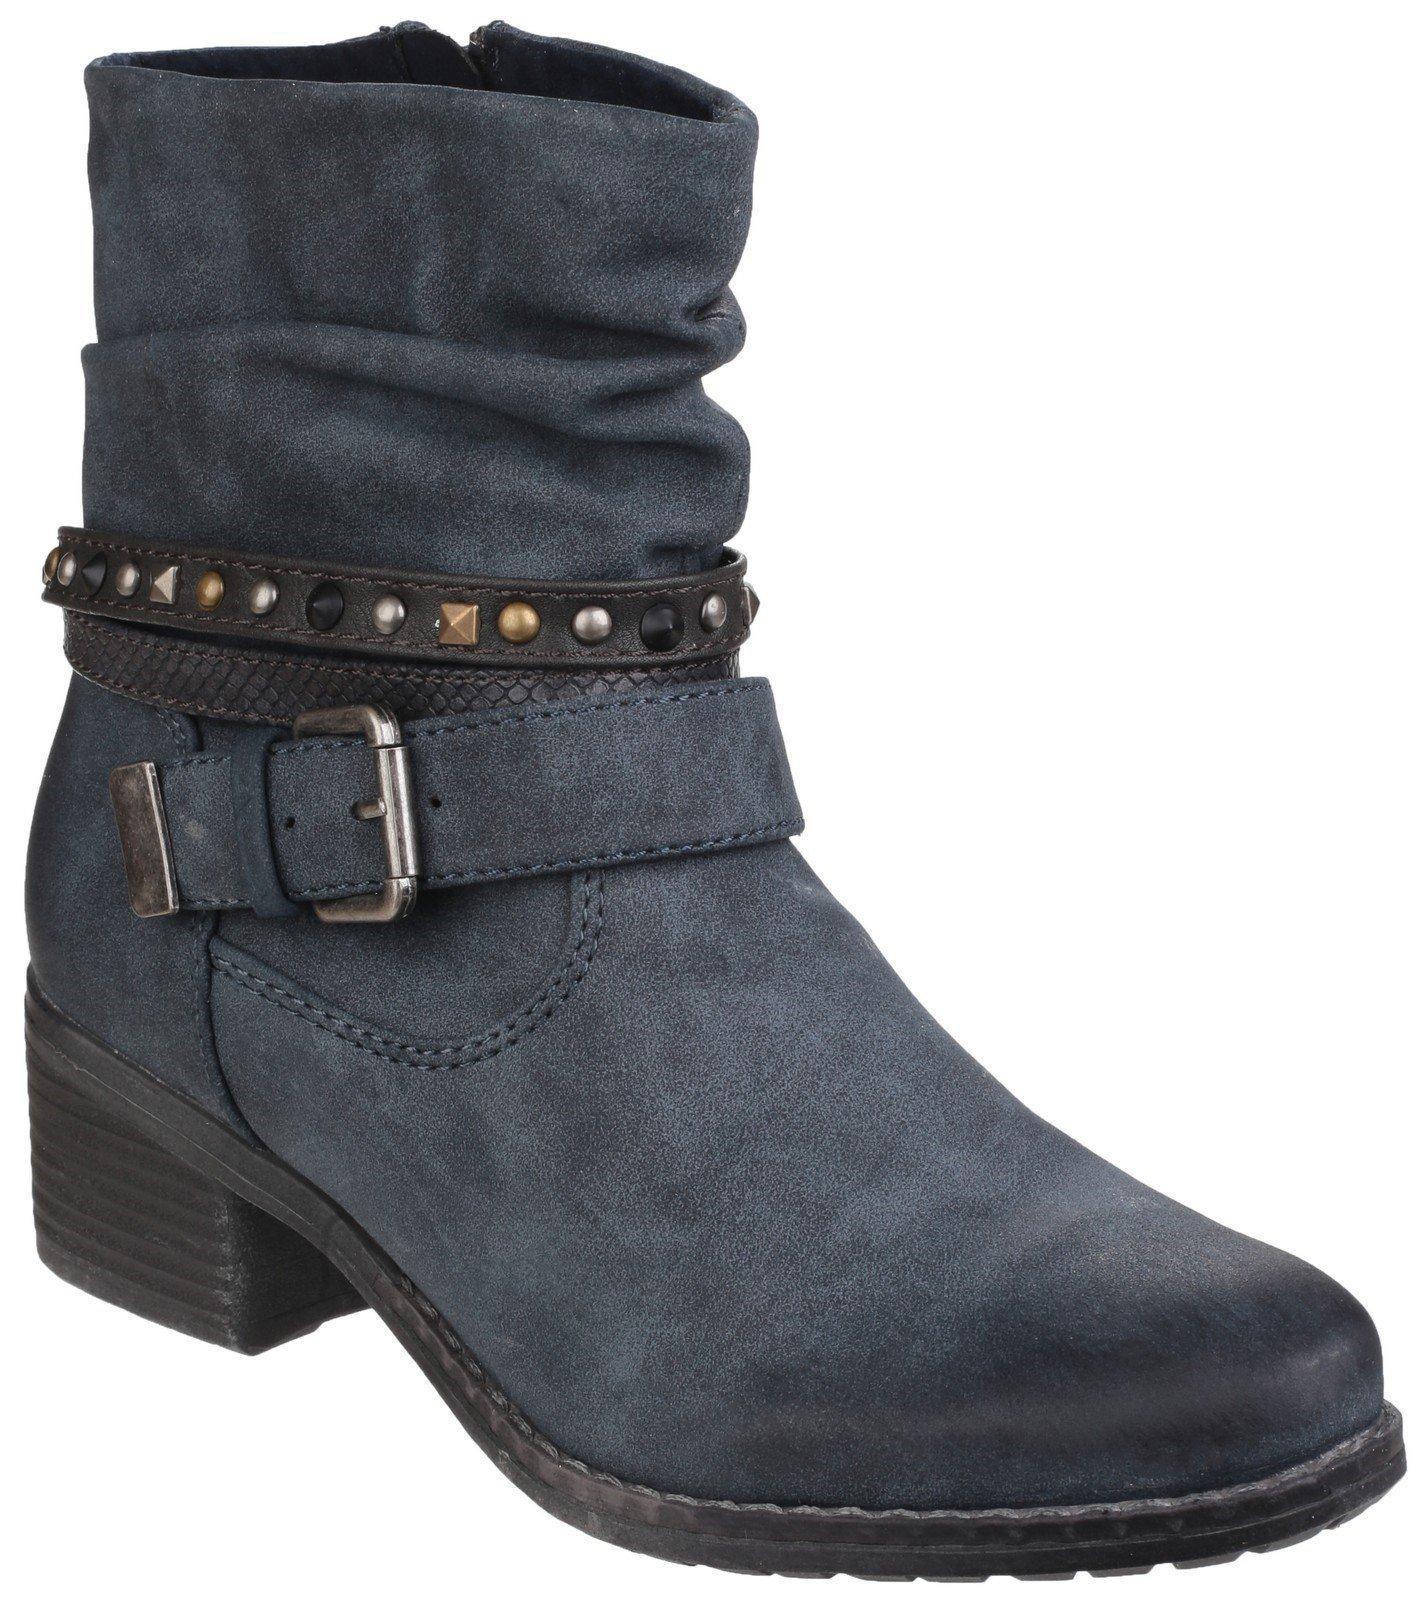 Divaz Women's West Zip up Ankle Boot Black 24273-40025 - Navy 3